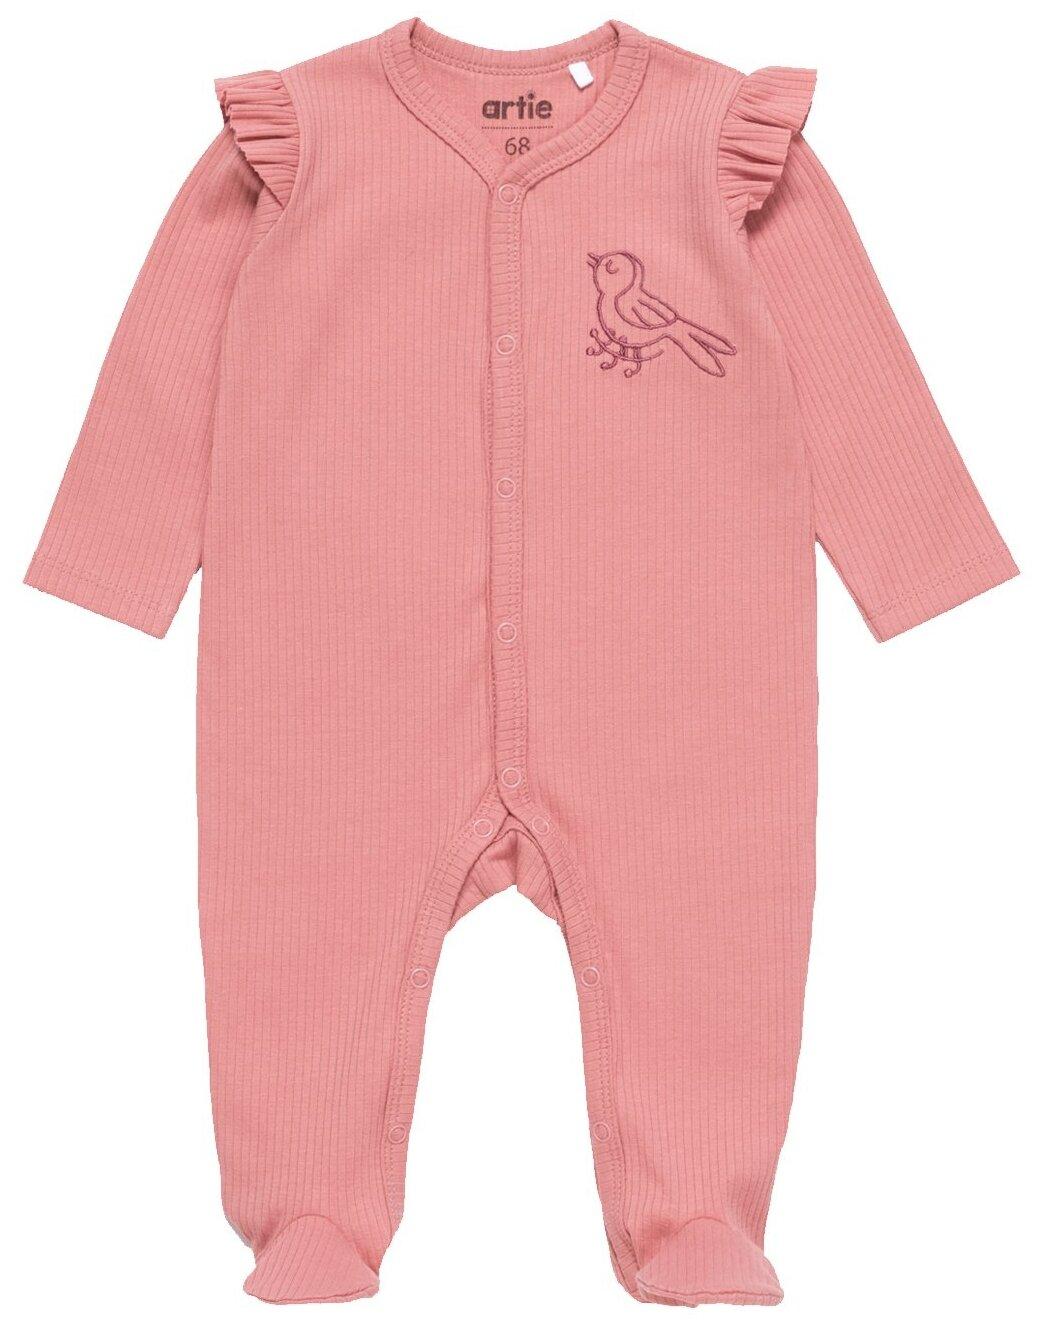 Купить Комбинезон artie размер 80, розовый по низкой цене с доставкой из Яндекс.Маркета